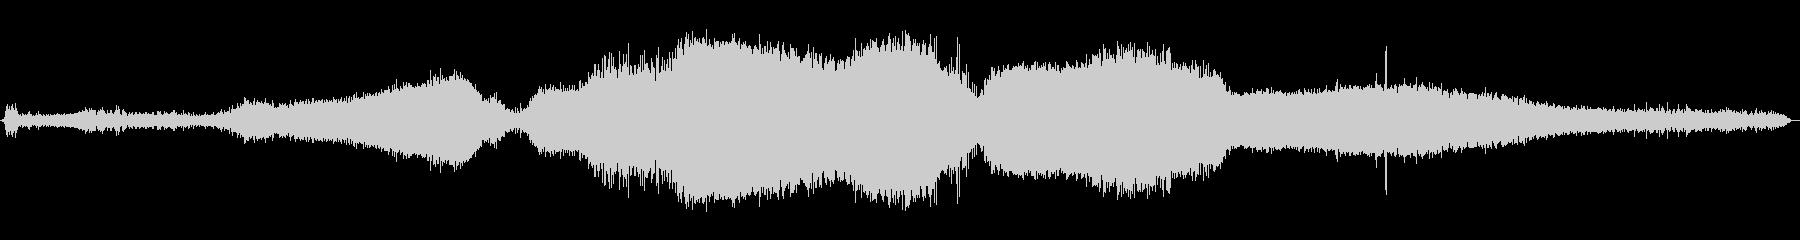 スズキ1100:オンボード:スター...の未再生の波形